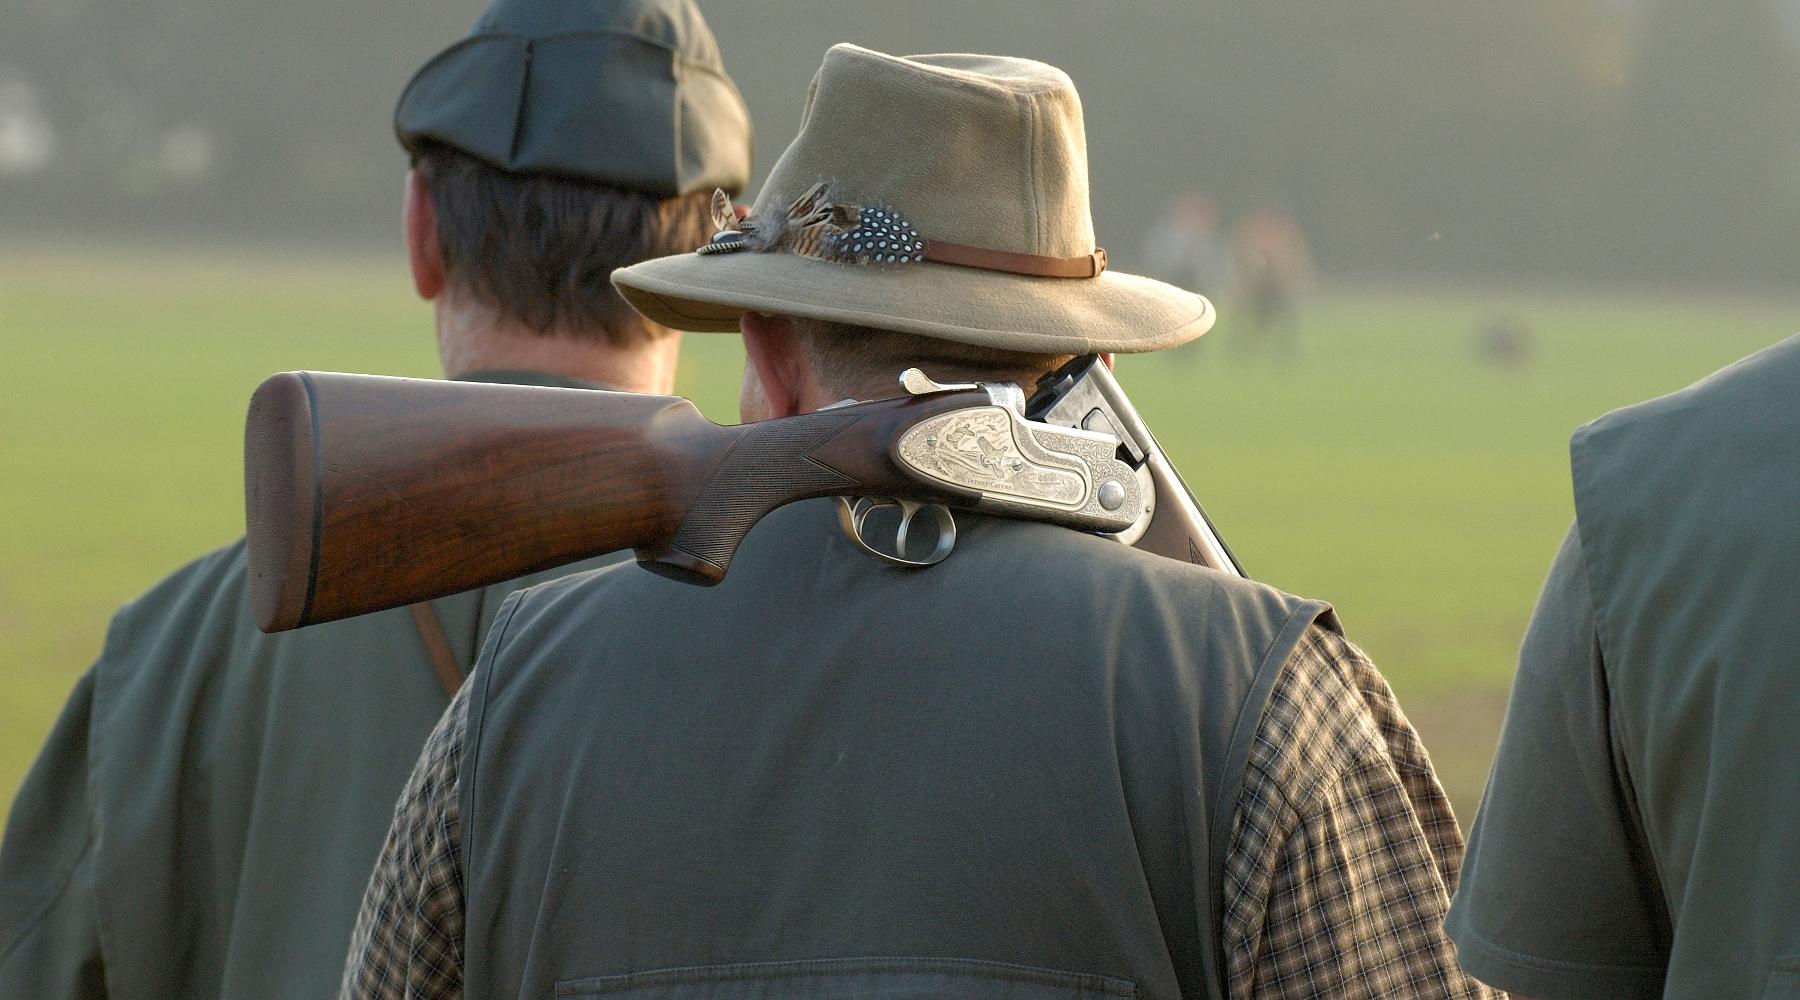 Le notizie di caccia della settimana: due cacciatori di spalle con fucile in spalla